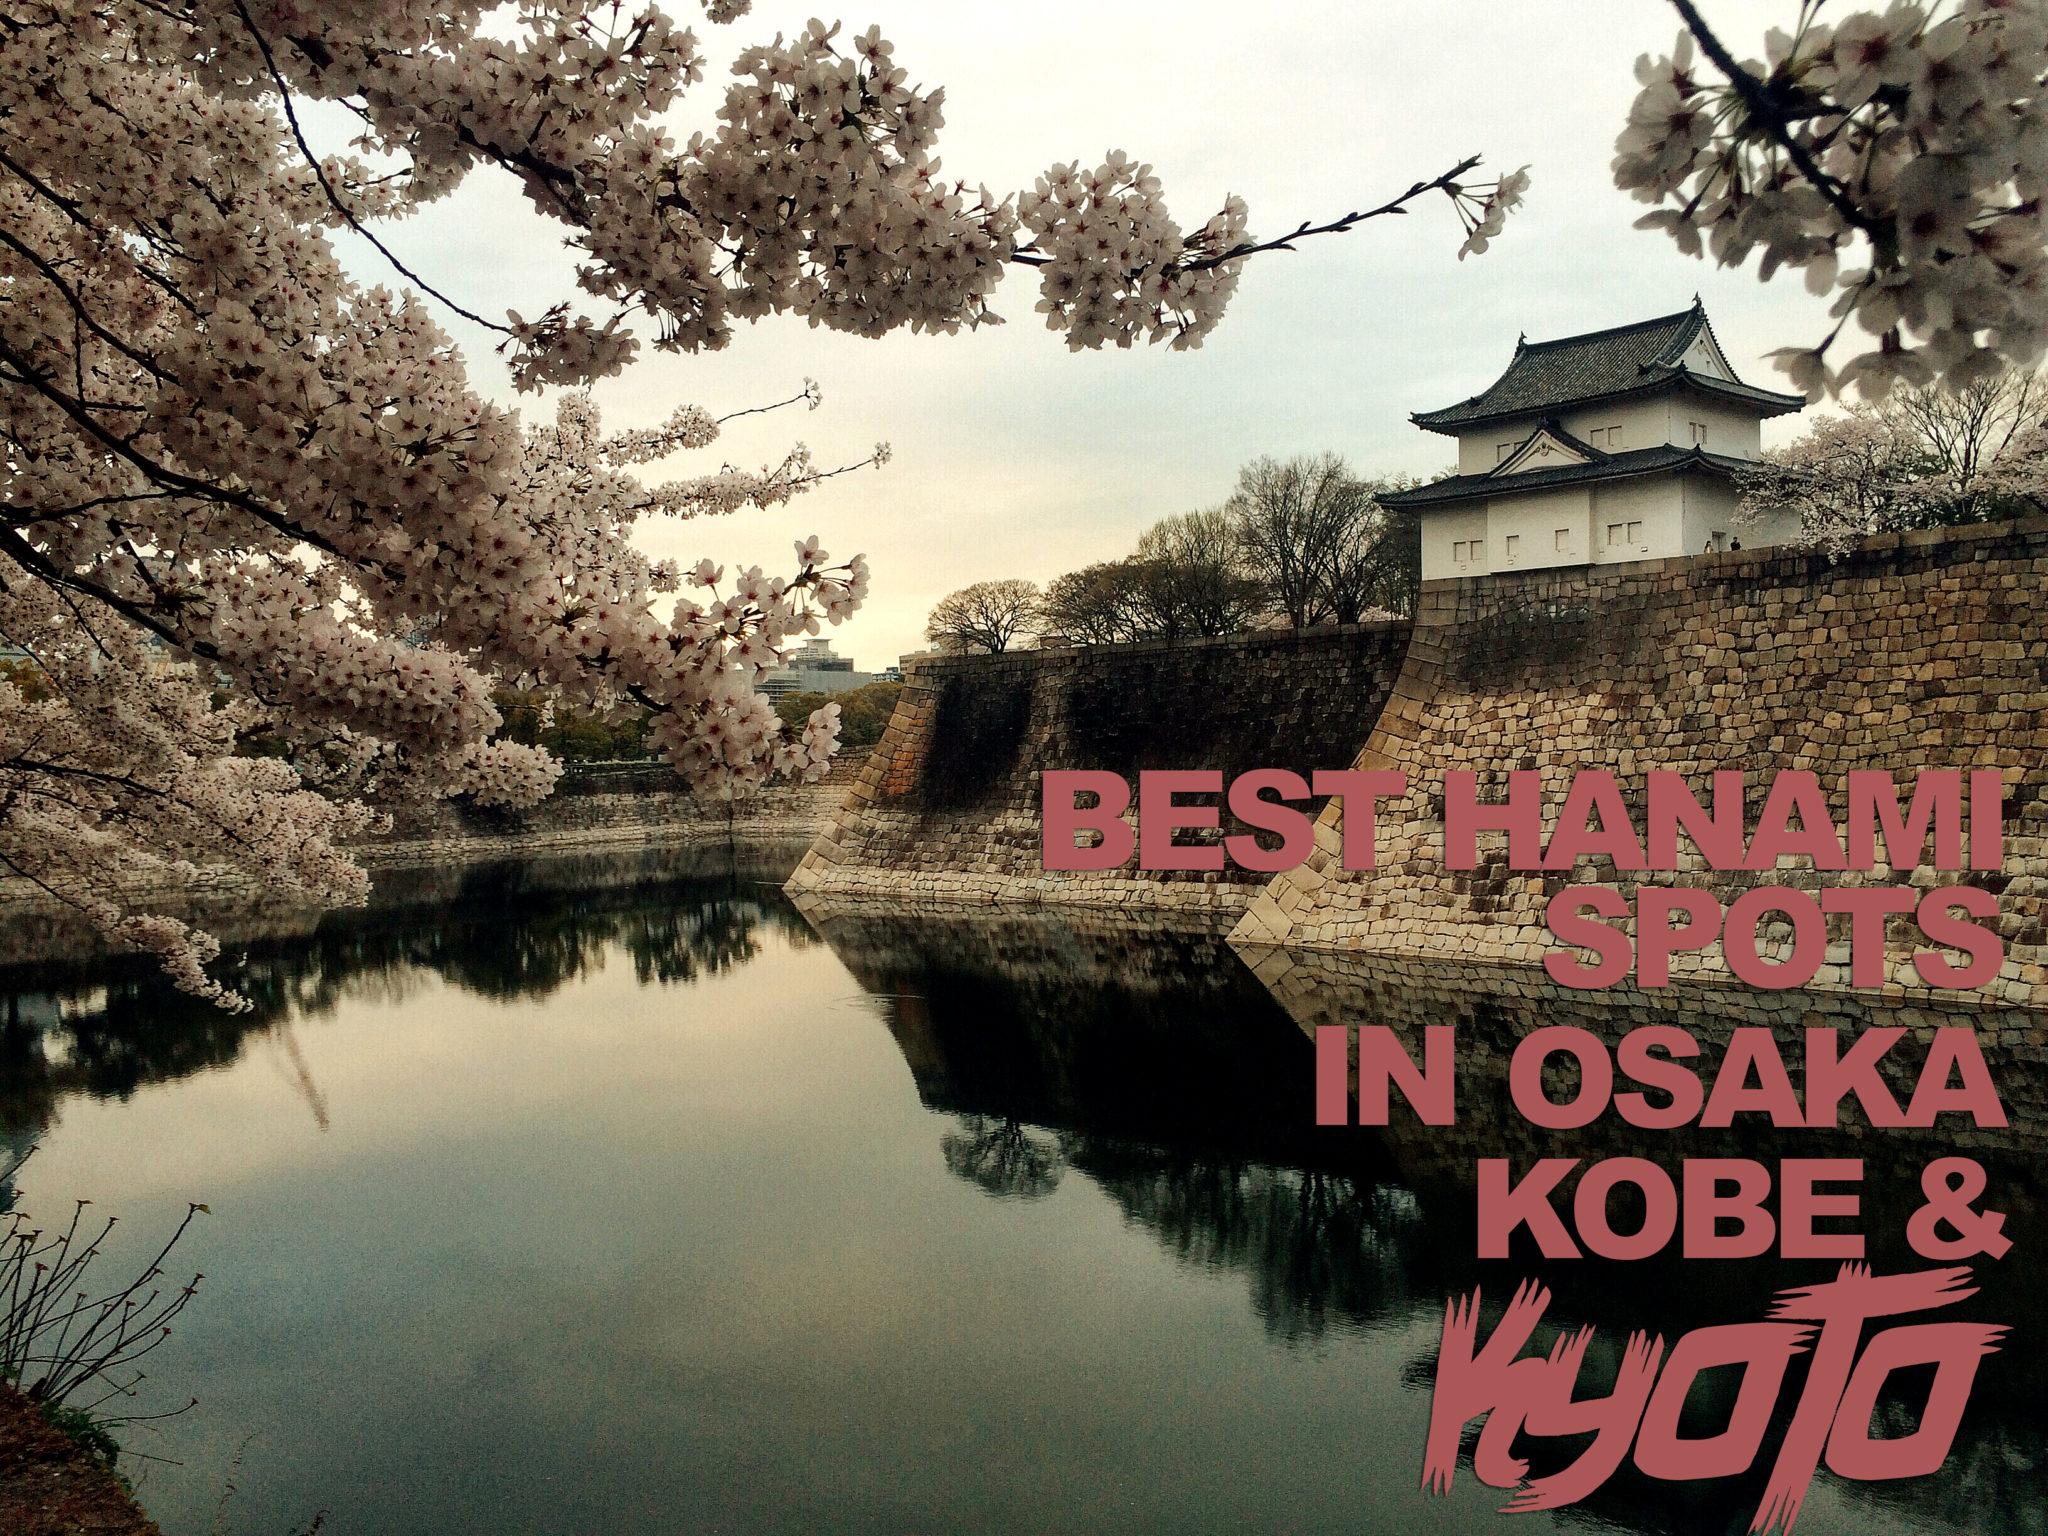 BEST HANAMI SPOTS IN OSAKA, KOBE, AND KYOTO